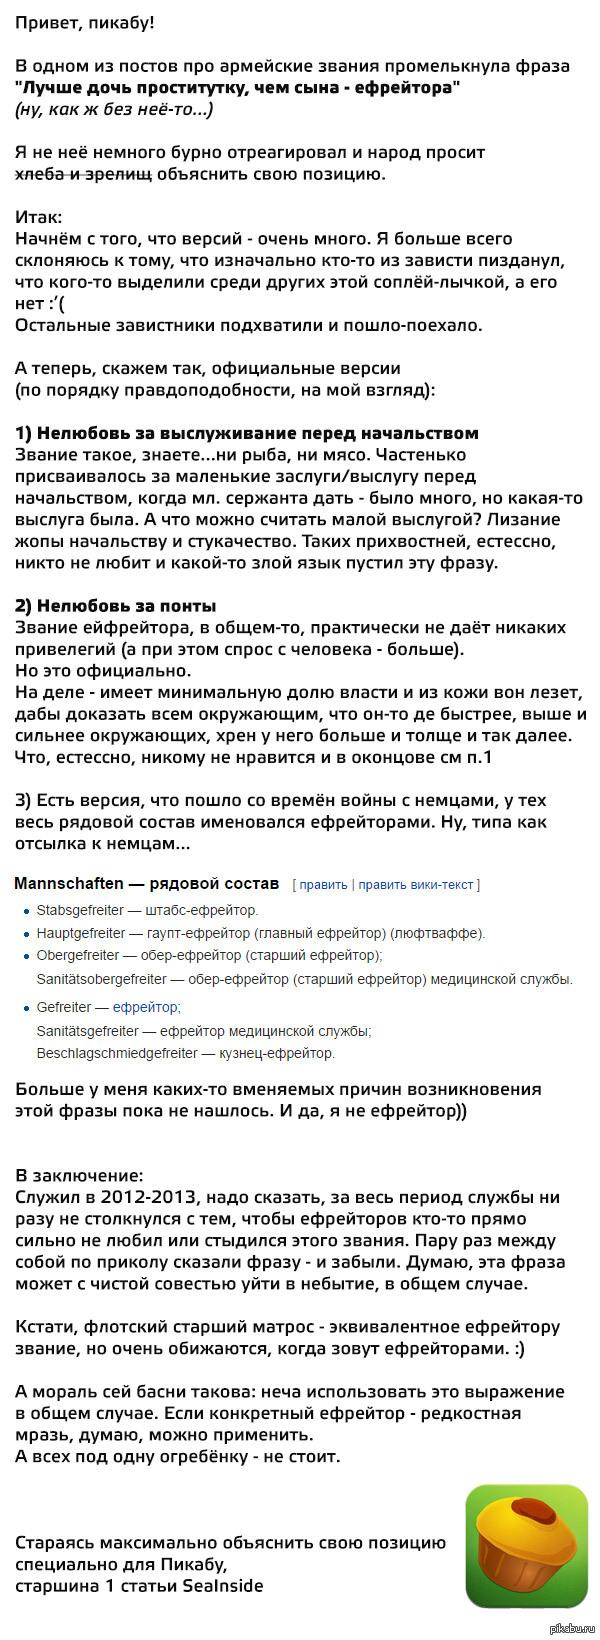 Проститутки в городе москве с фотографиями и ценами путаны